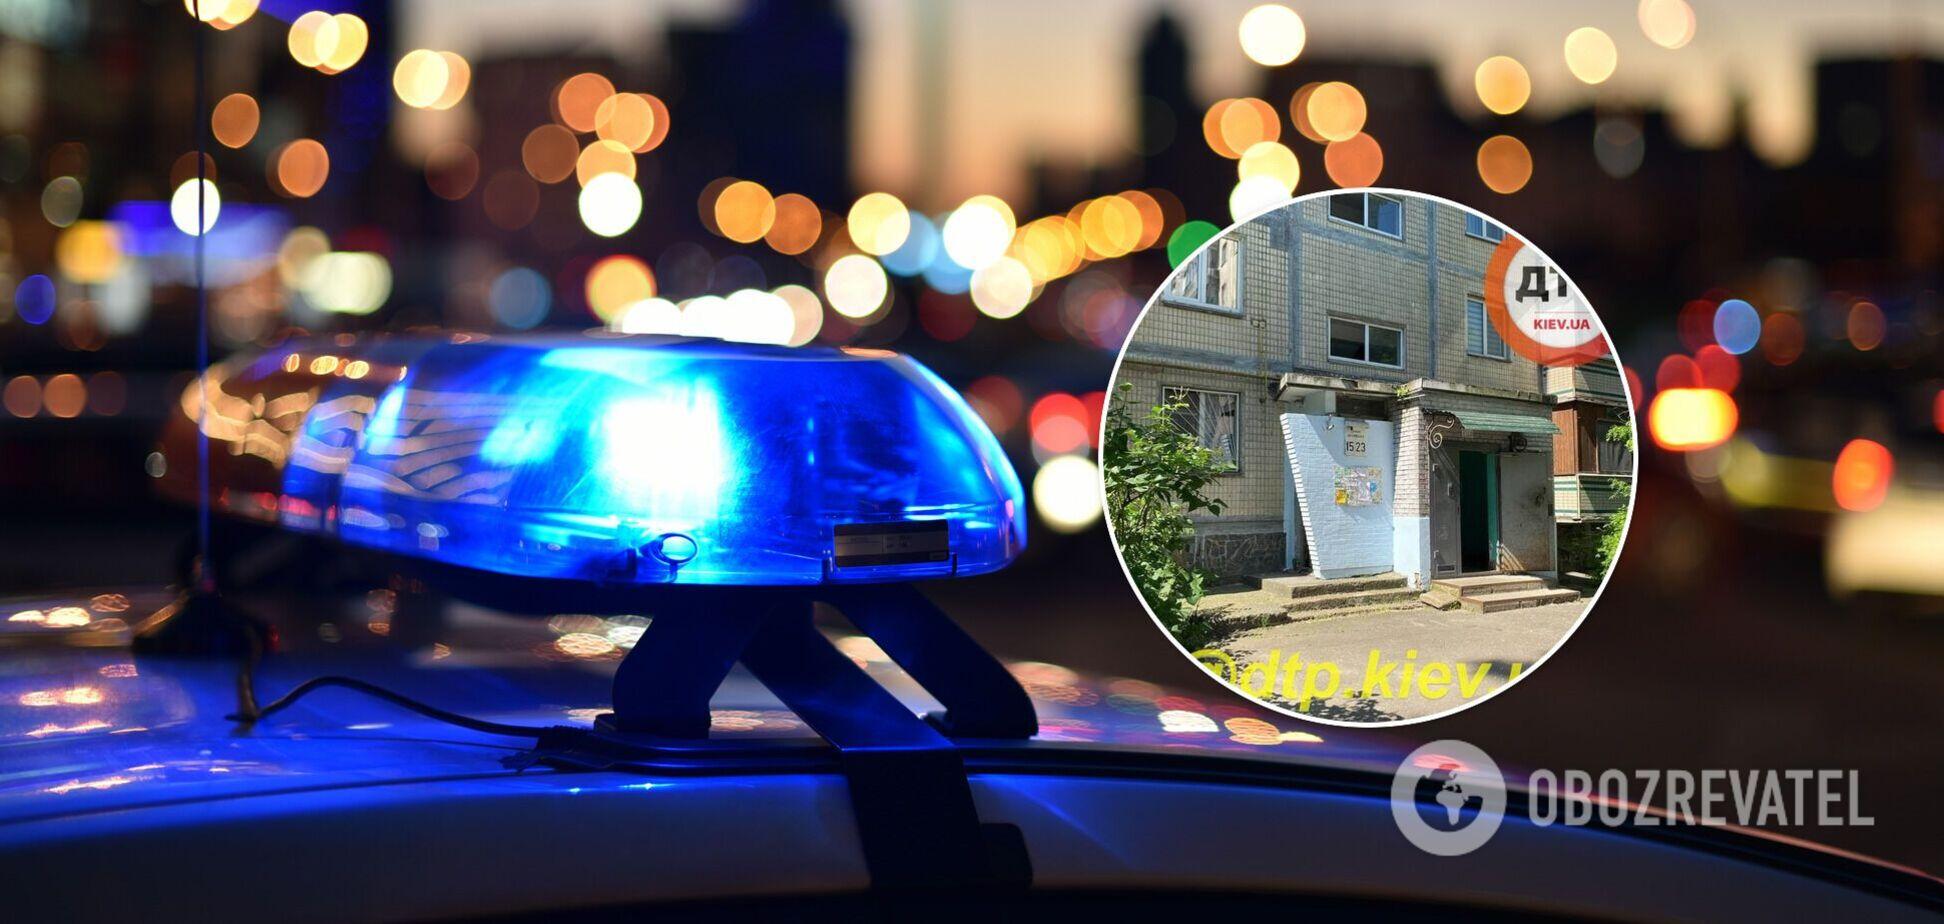 Причини смерті та особу загиблого встановить поліція